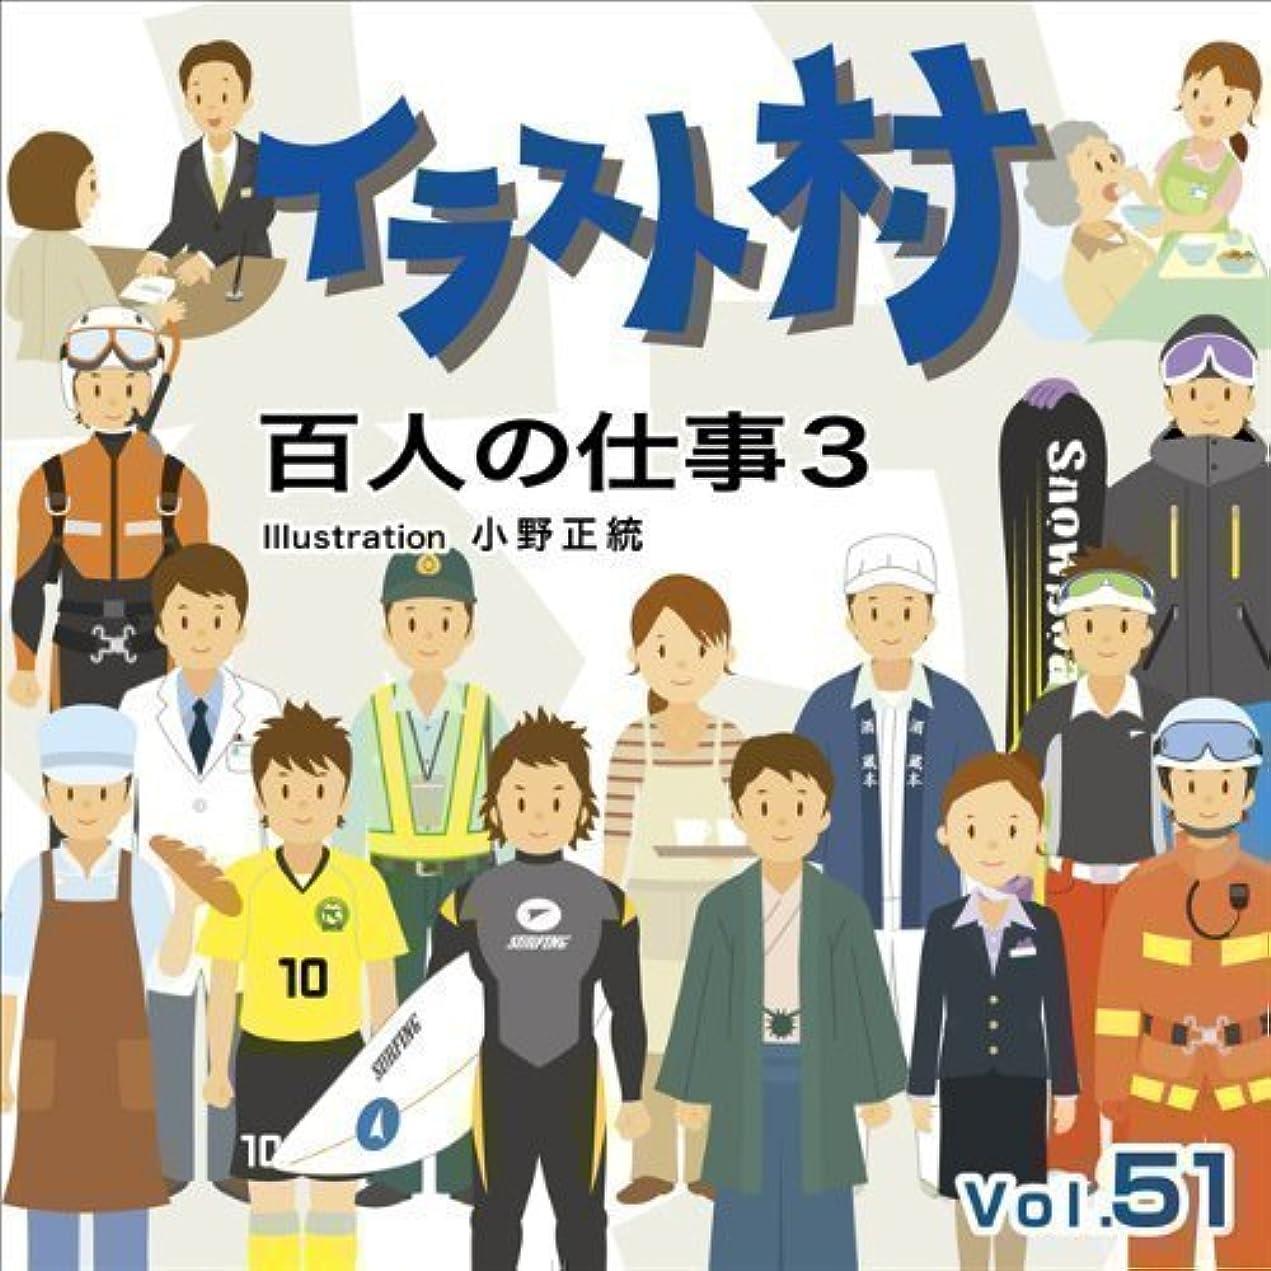 不均一ピカリング始まりイラスト村 Vol.51 百人の仕事3